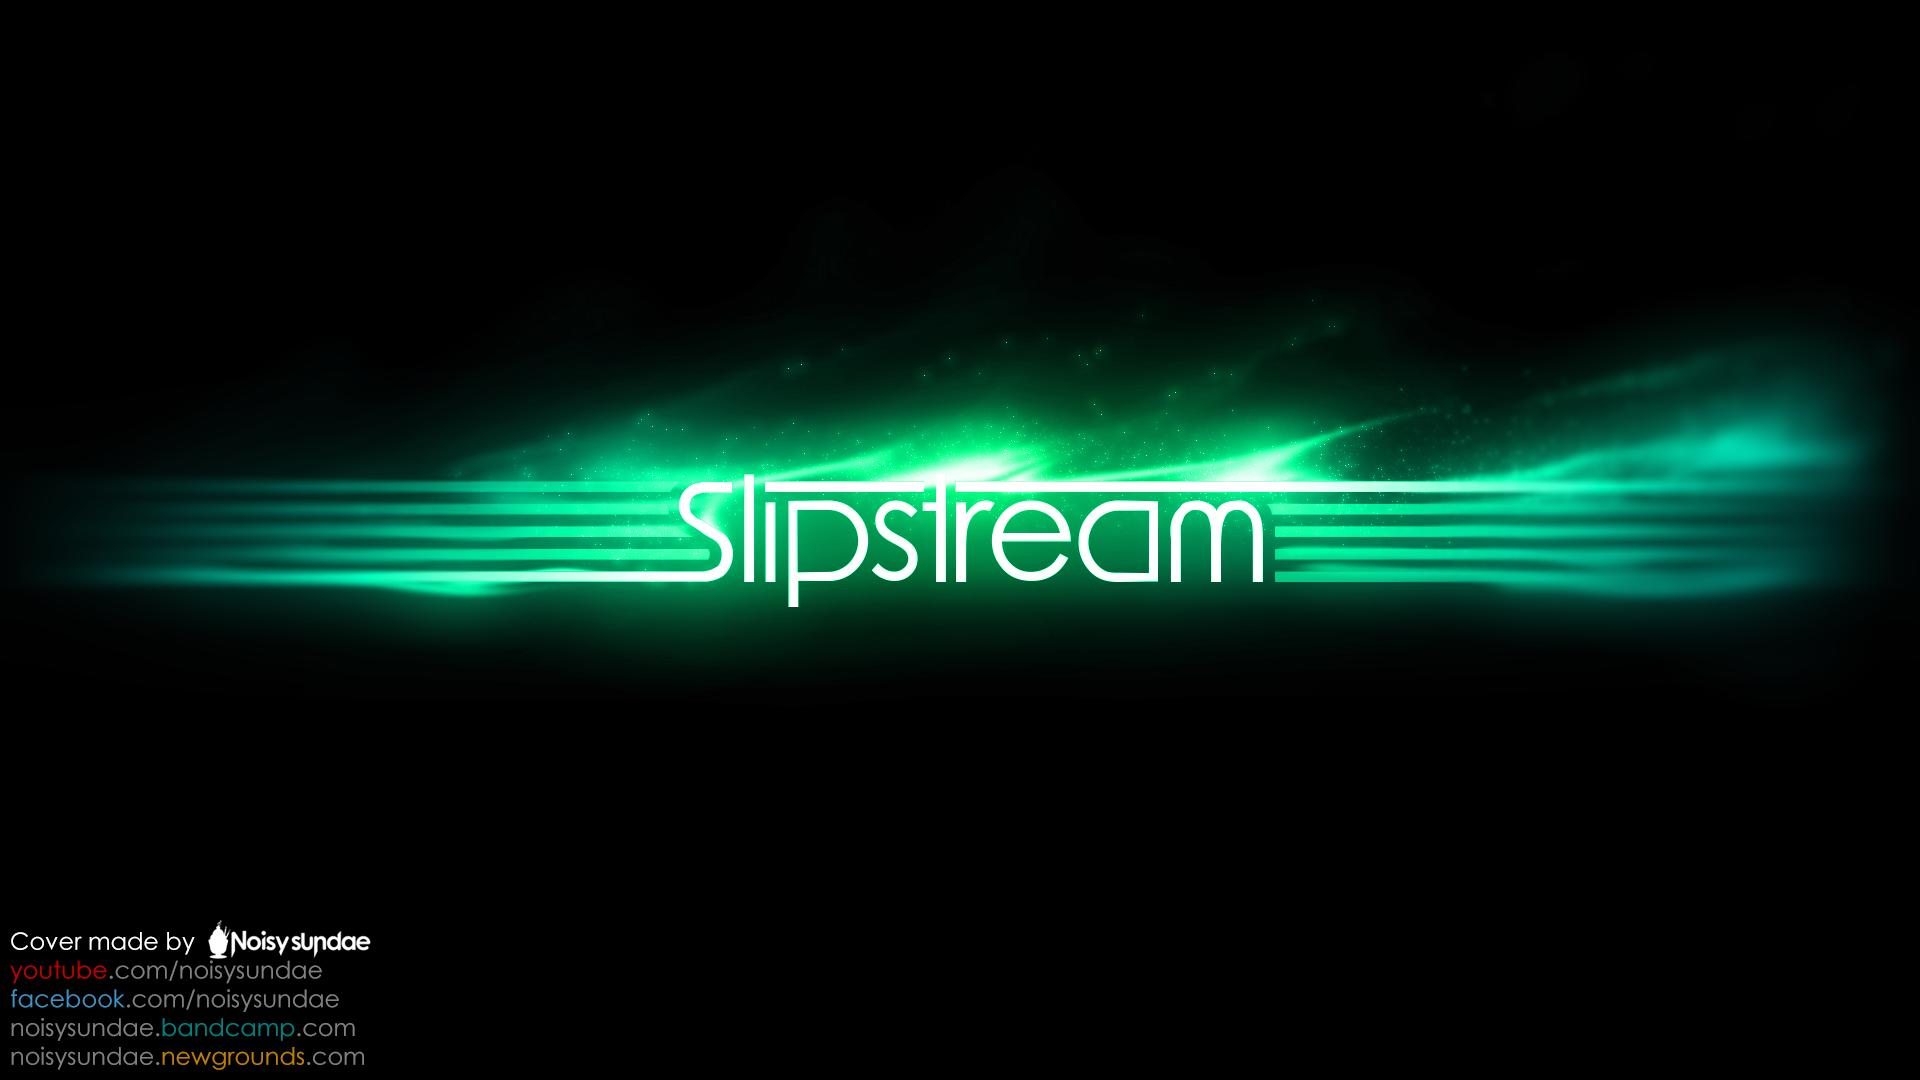 Noisysundae wallpaper - Slipstream 2.0